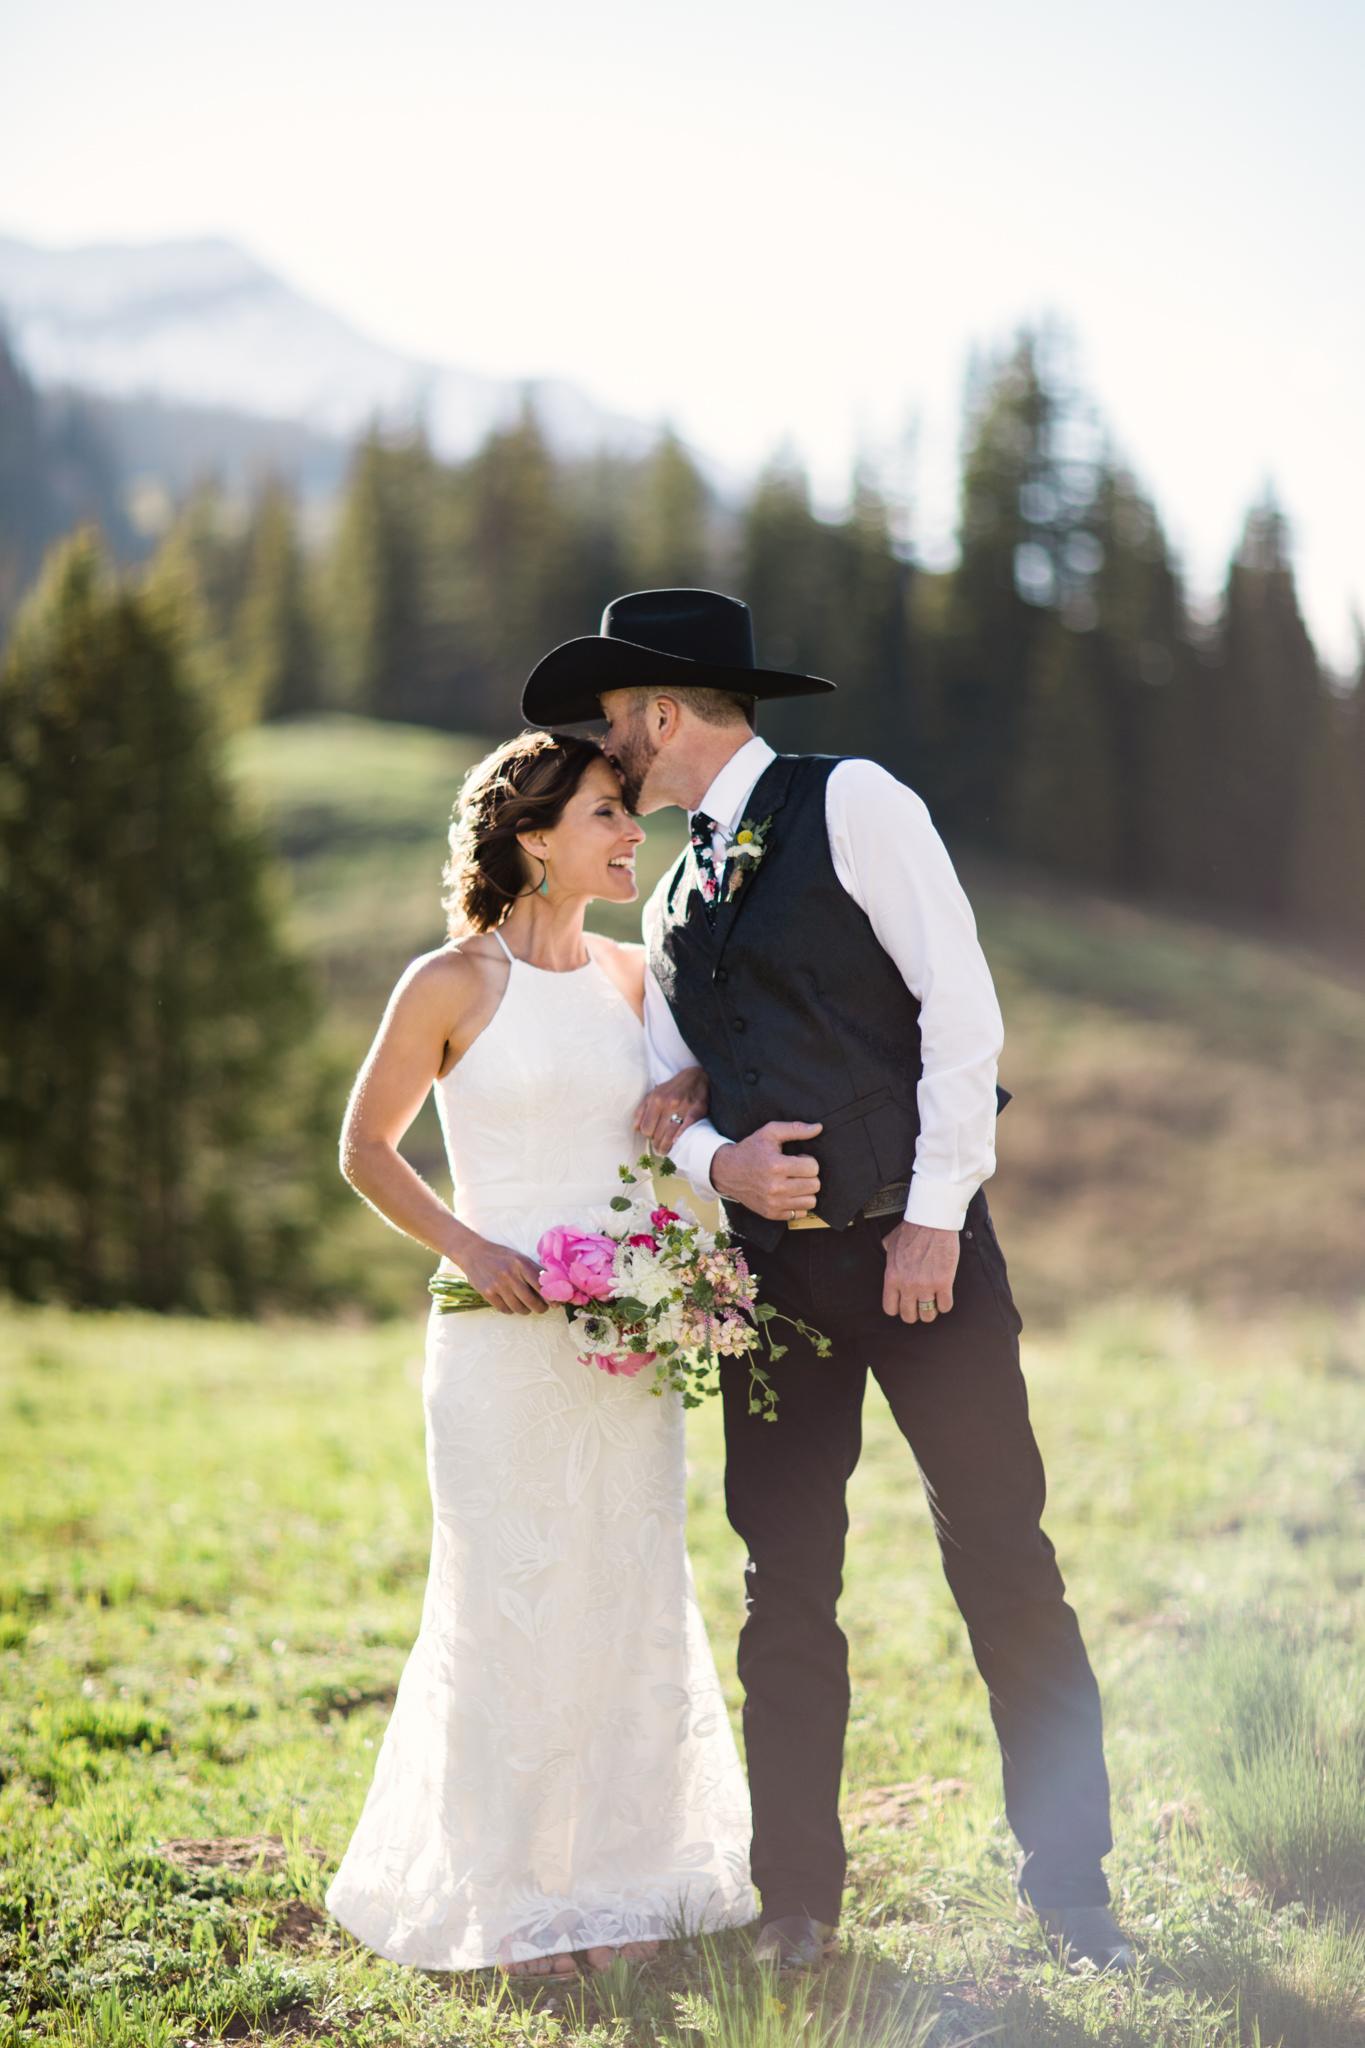 Crested_Butte_Mountain_Wedding_Garden-4